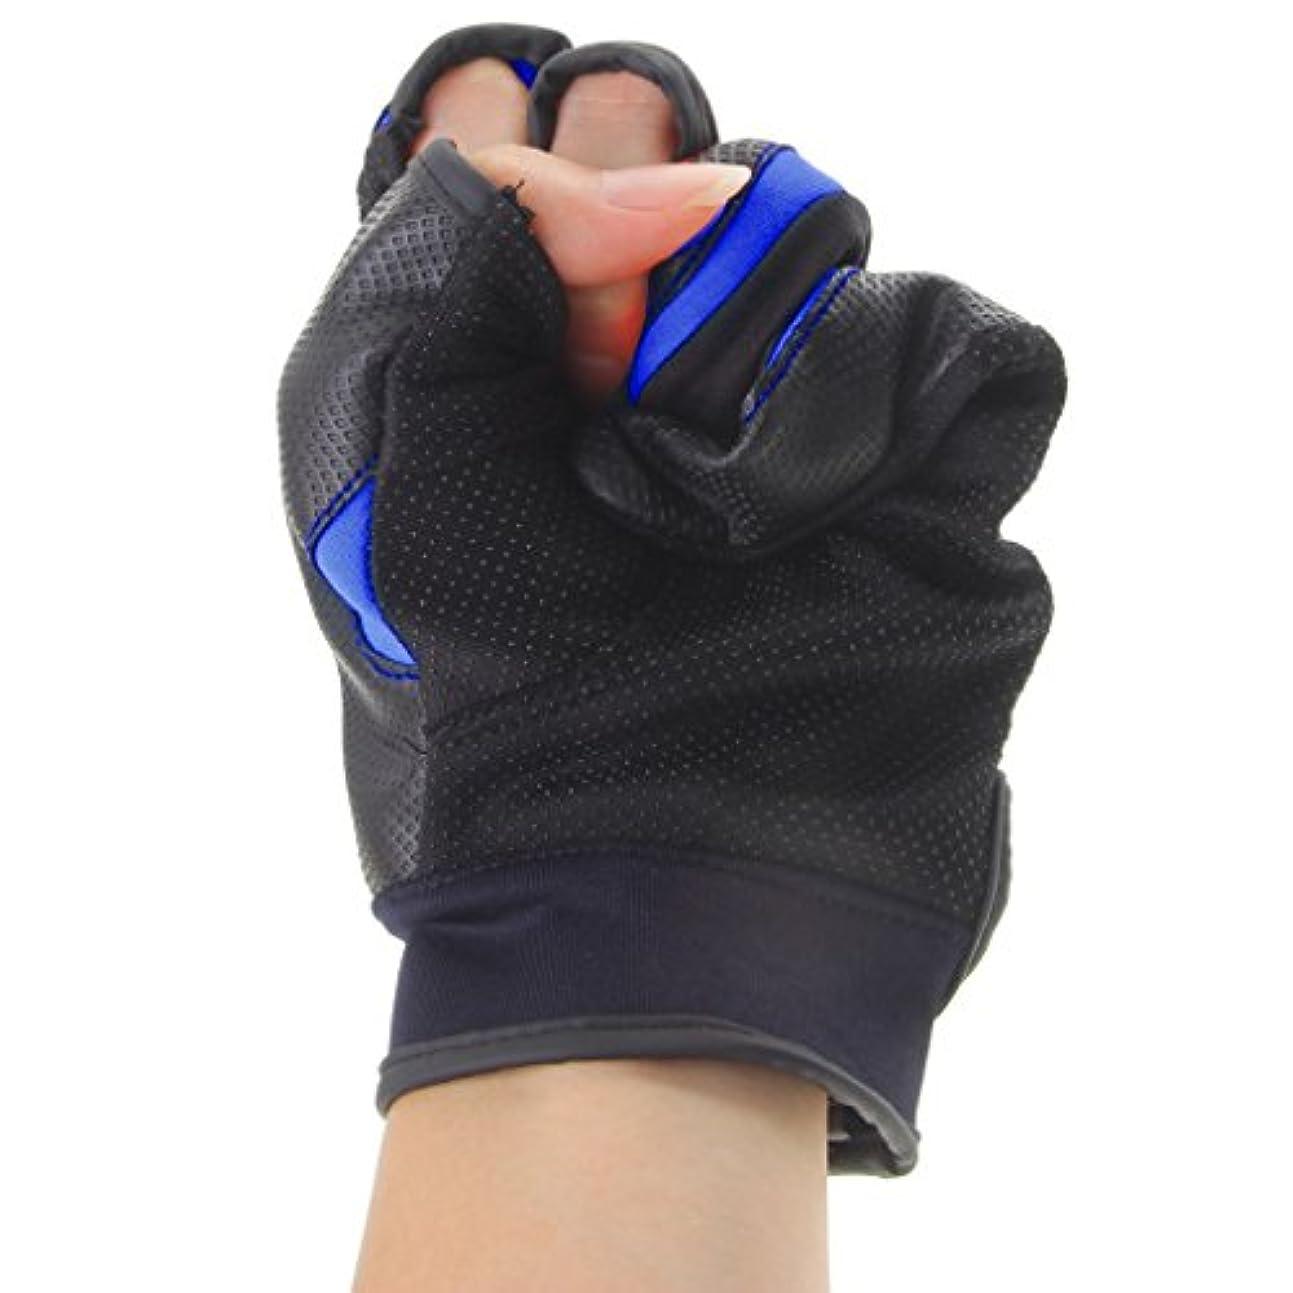 矩形抑止する良さBaosity ネオプレン製 弾性 防水性 アウトドア 釣り 乗馬 滑り止め グローブ 手袋 通気性 全3色